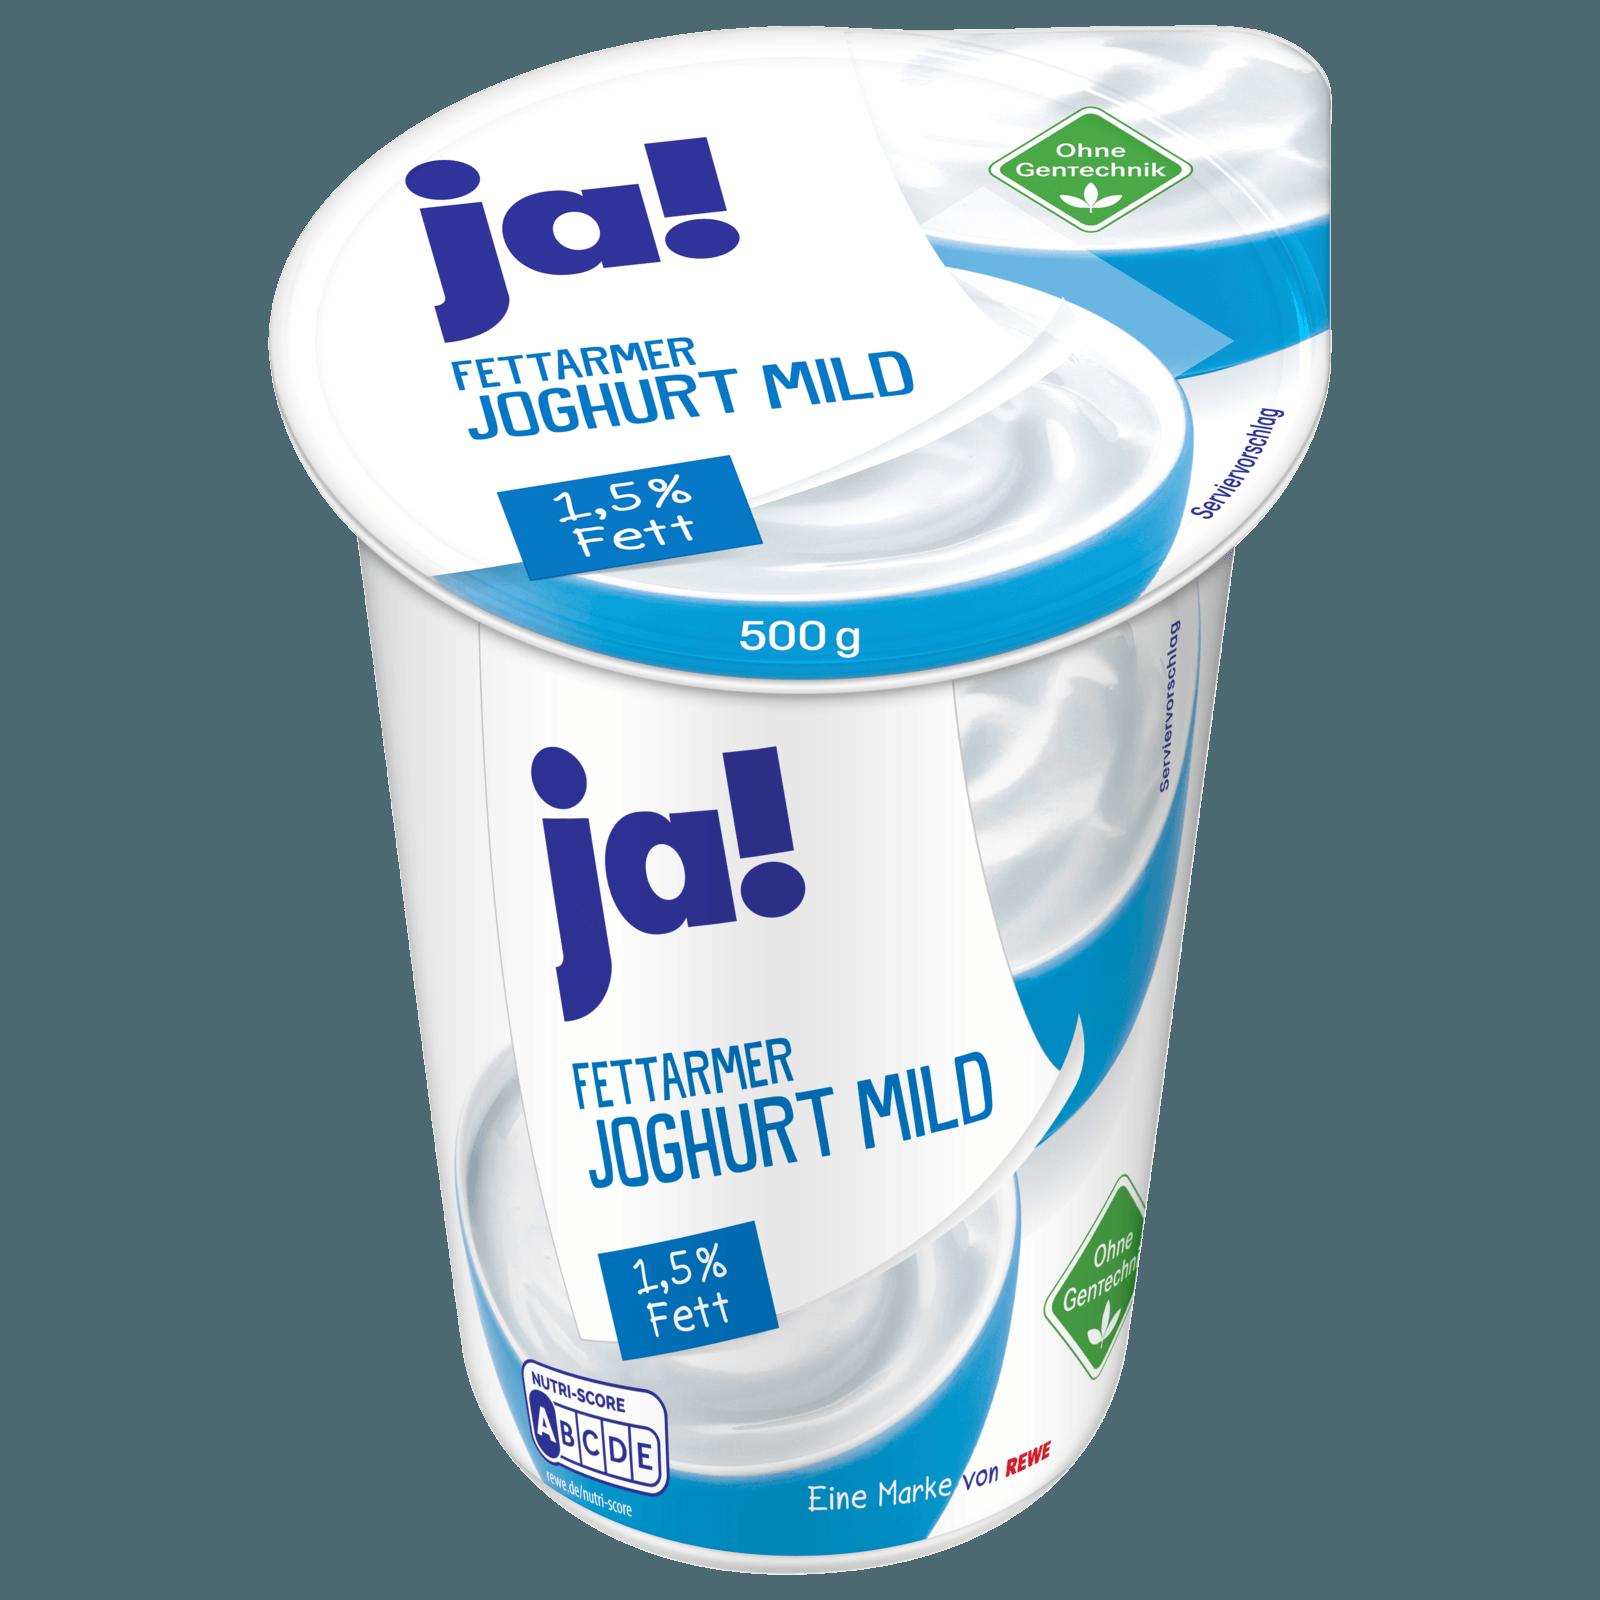 Ja Fettarmer Joghurt Mild 1 5 Fett 500g